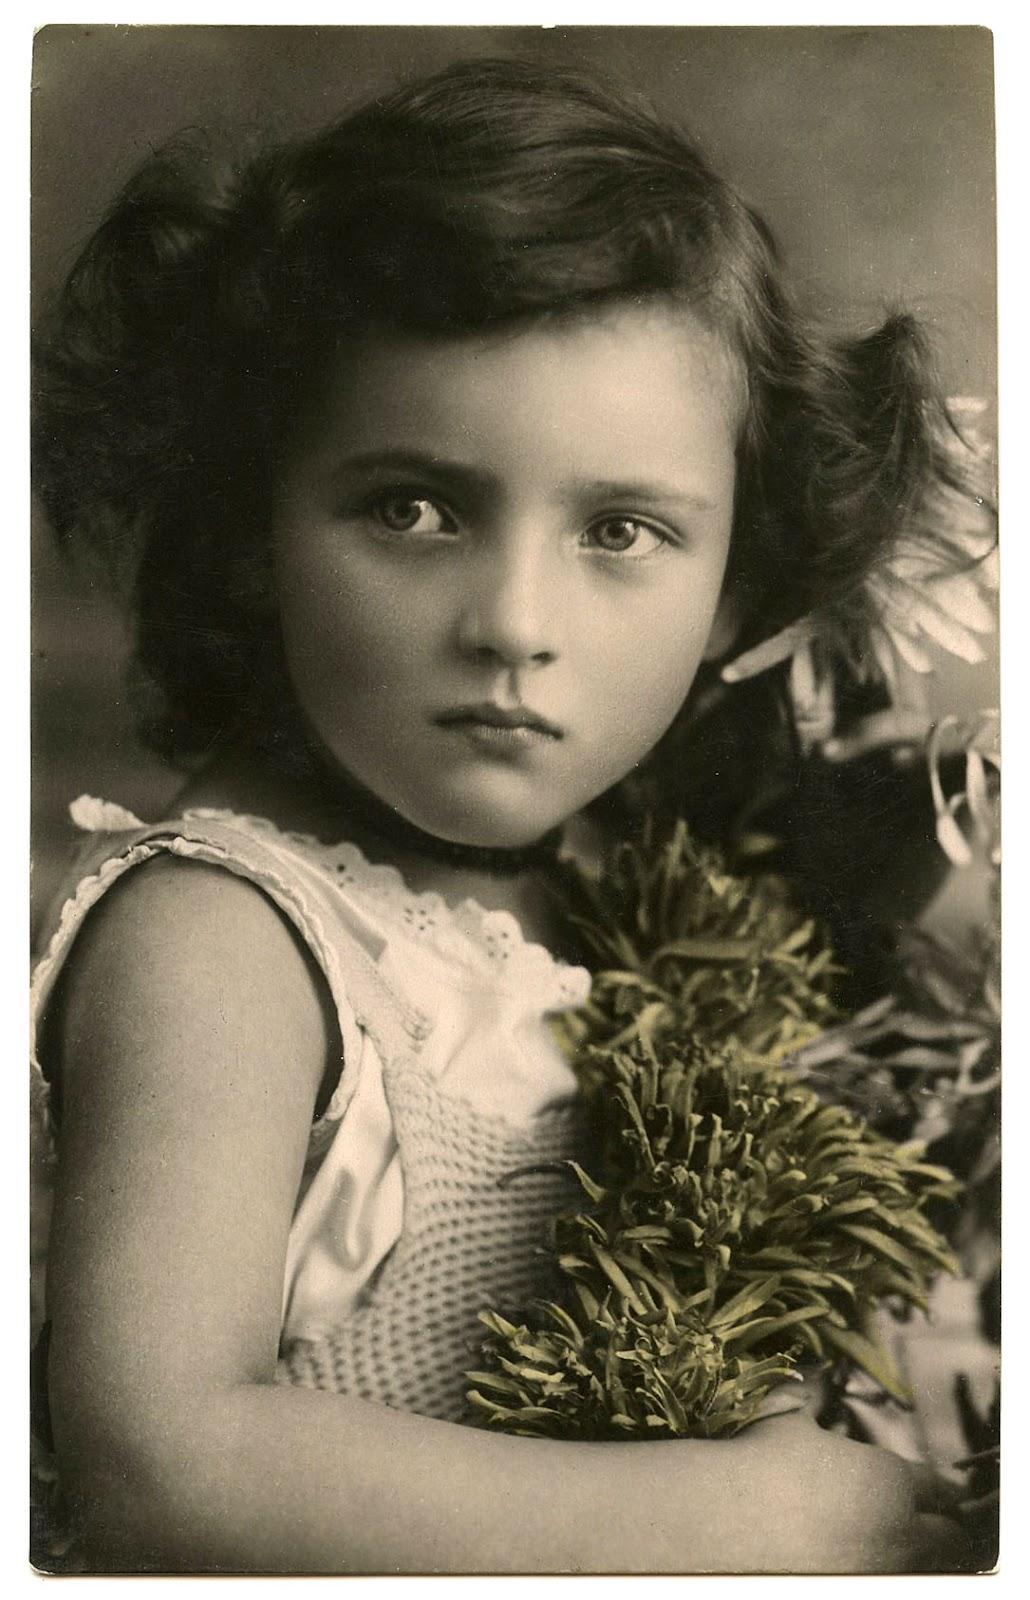 Vintage childs cumshot images 10